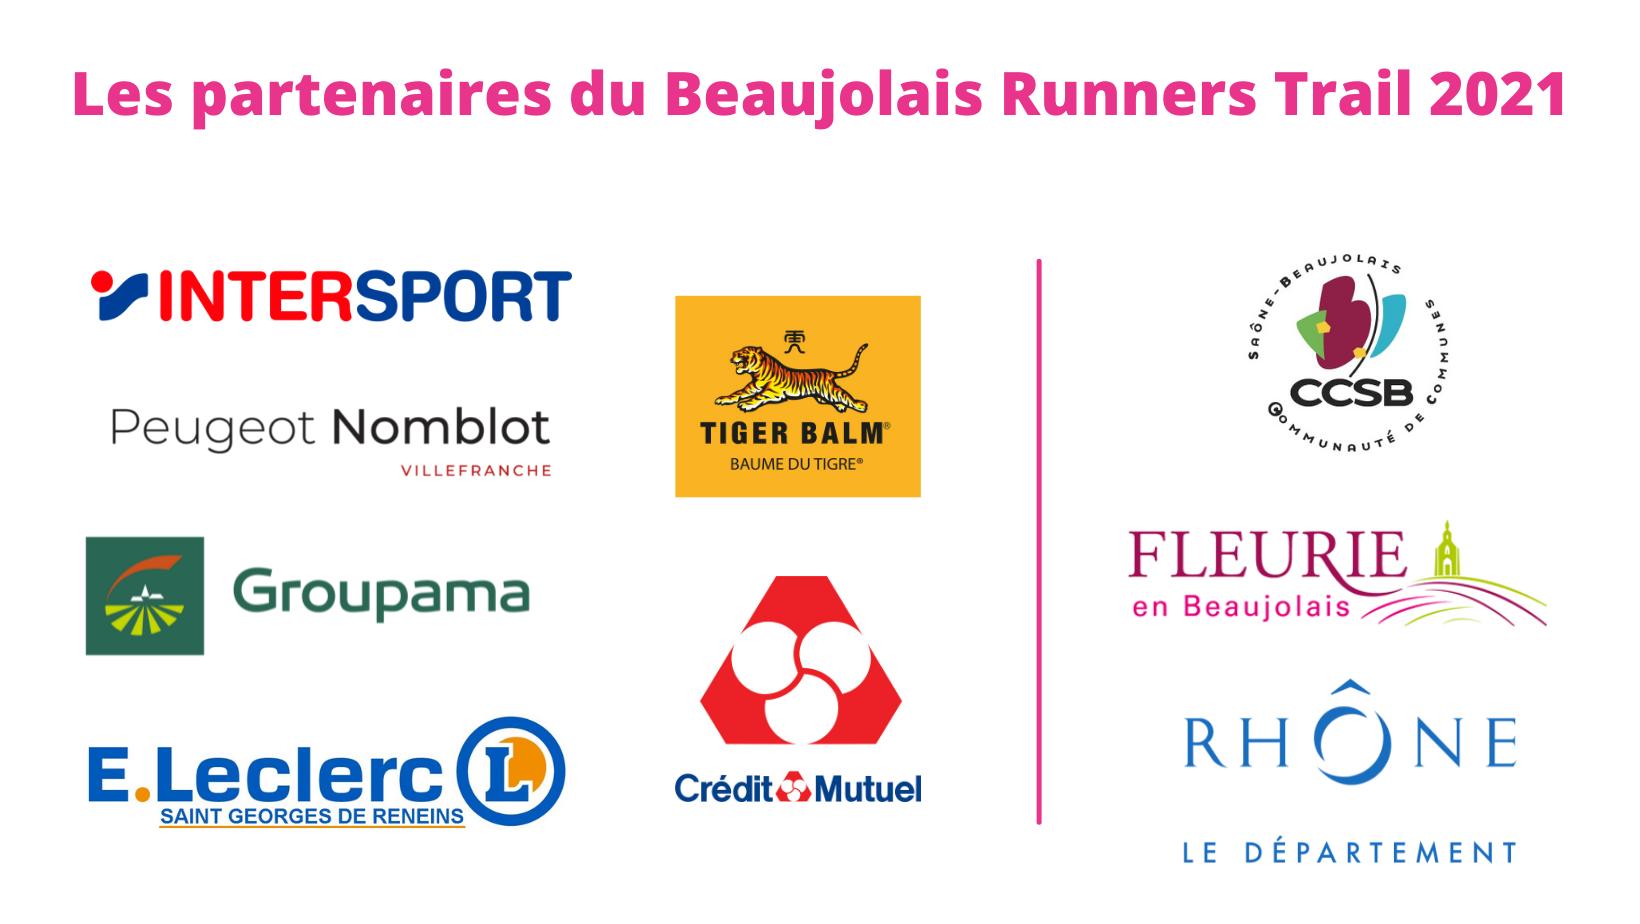 Les partenaires du Beaujolais Runners Trail 2021 (2)